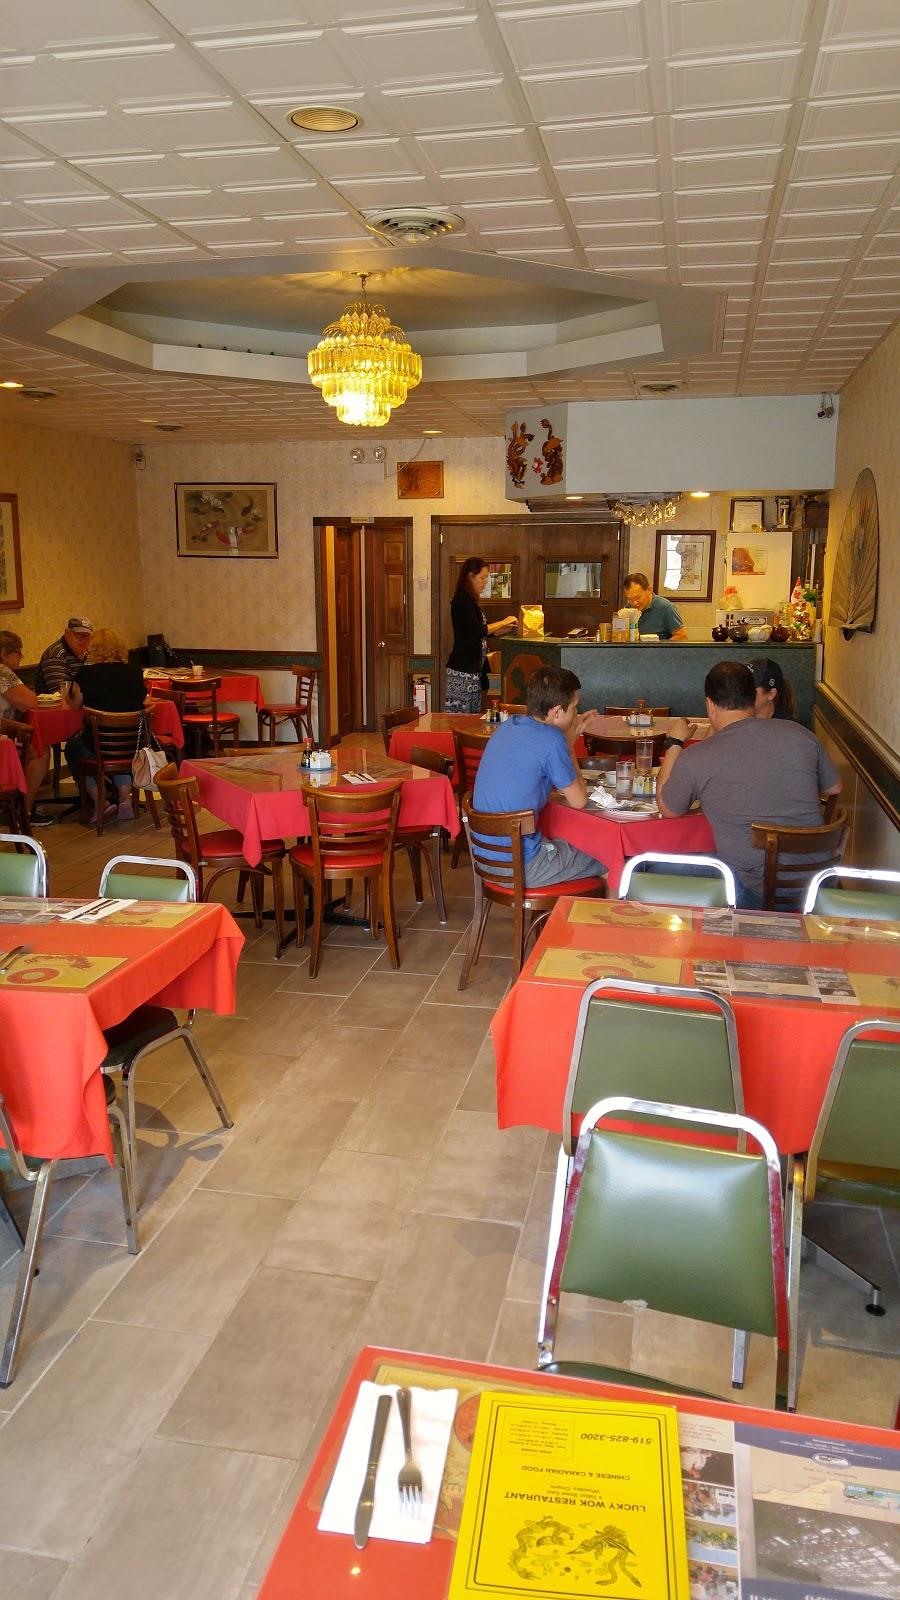 Lucky Wok Restaurant | restaurant | 4 Talbot Rd E, Wheatley, ON N0P 2P0, Canada | 5198253200 OR +1 519-825-3200